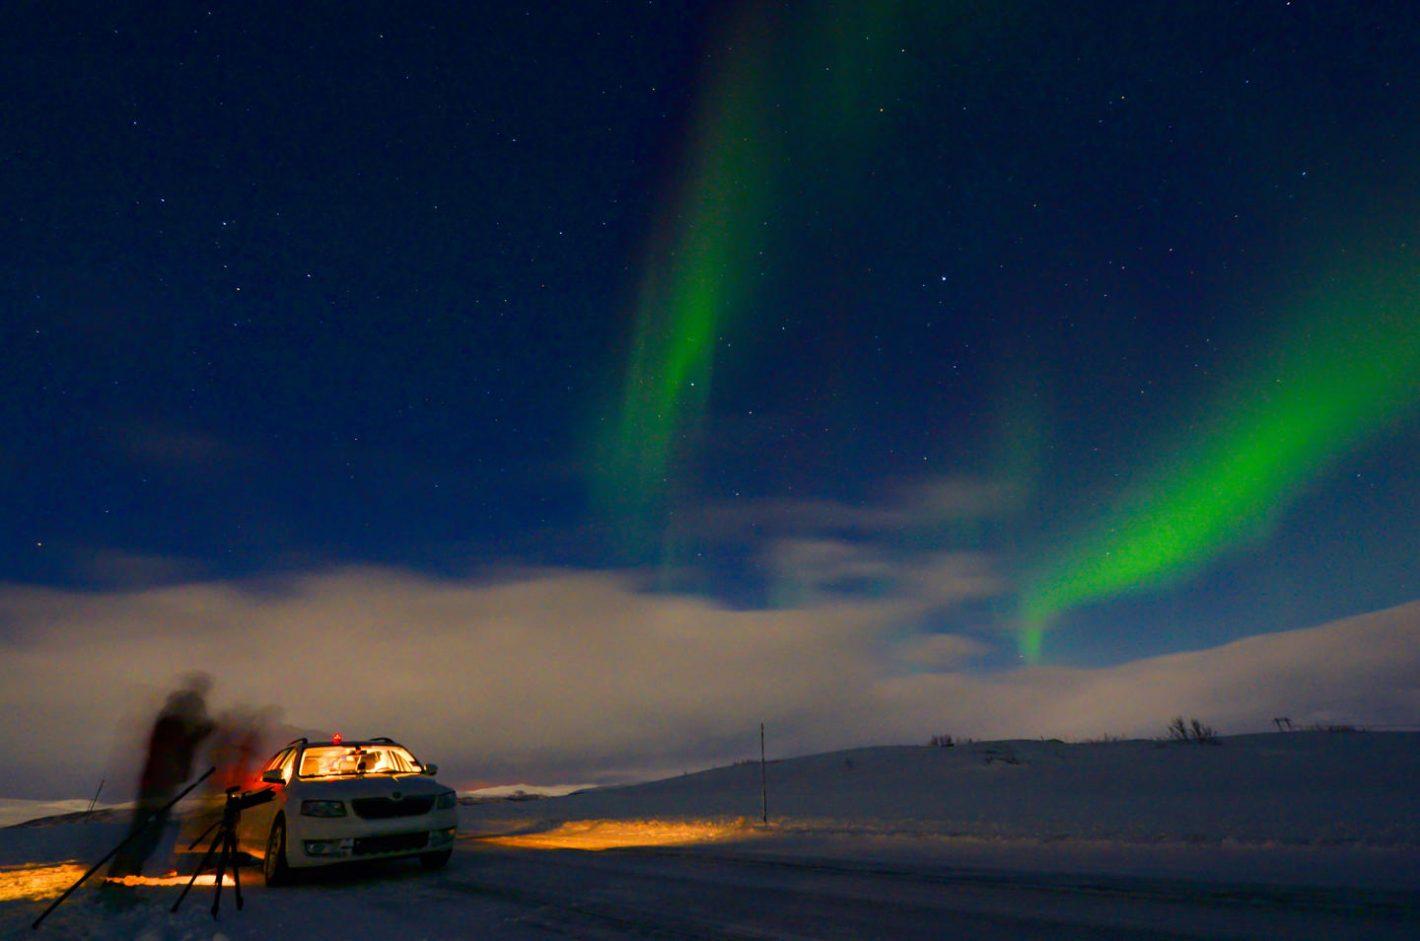 Laponie : comment photographier les aurores polaires ? Nikon D4 et objectif NIKKOR 14-24mm f/2.8